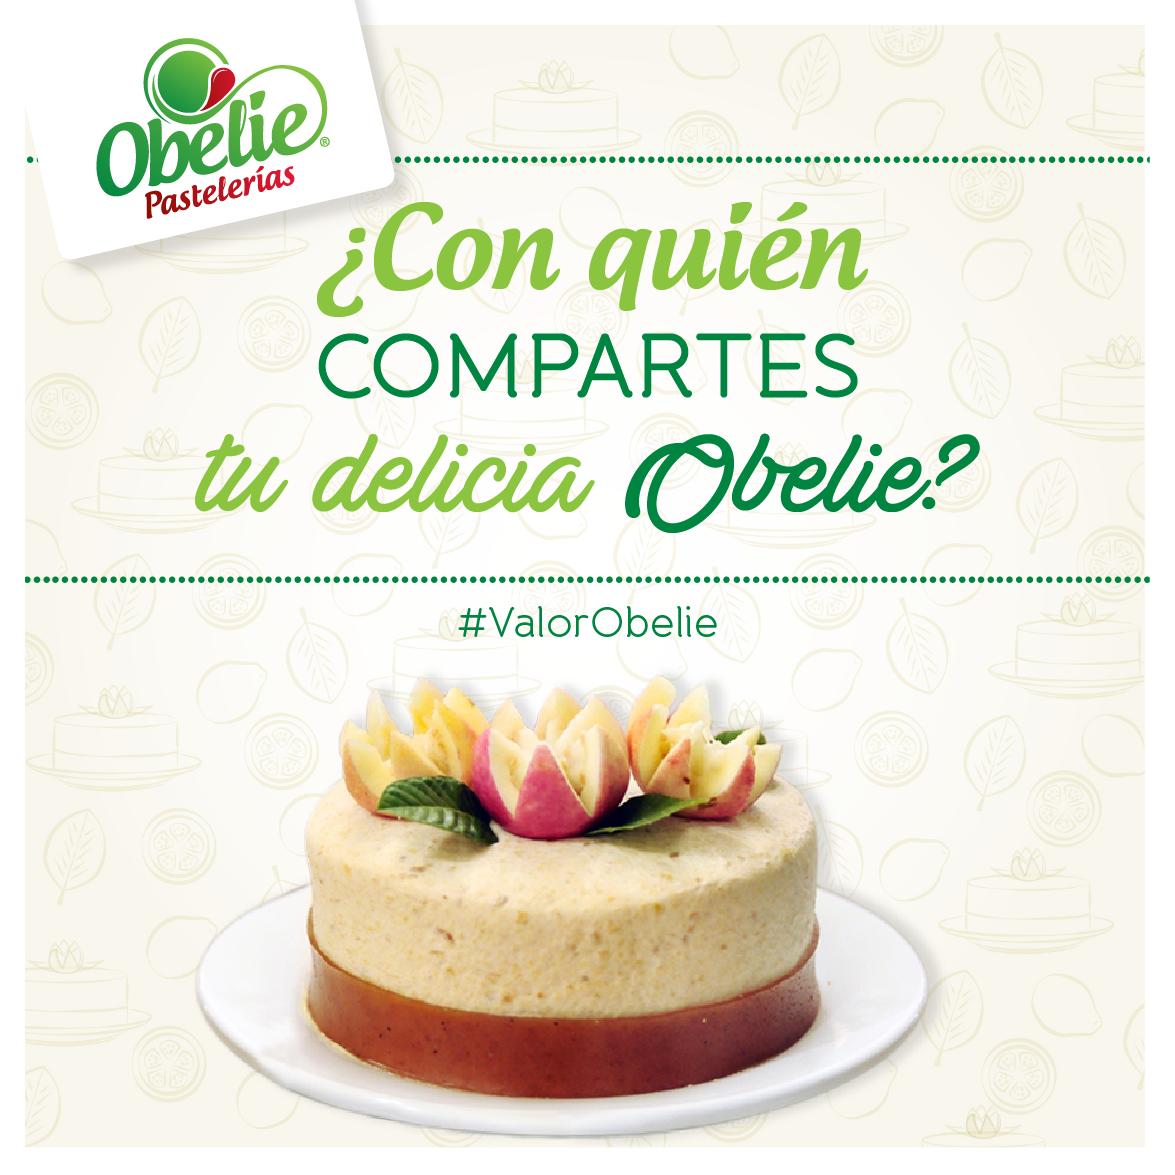 Porque siempre se disfruta mejor con compañía... Con quién compartes el sabor de #Obelie ?